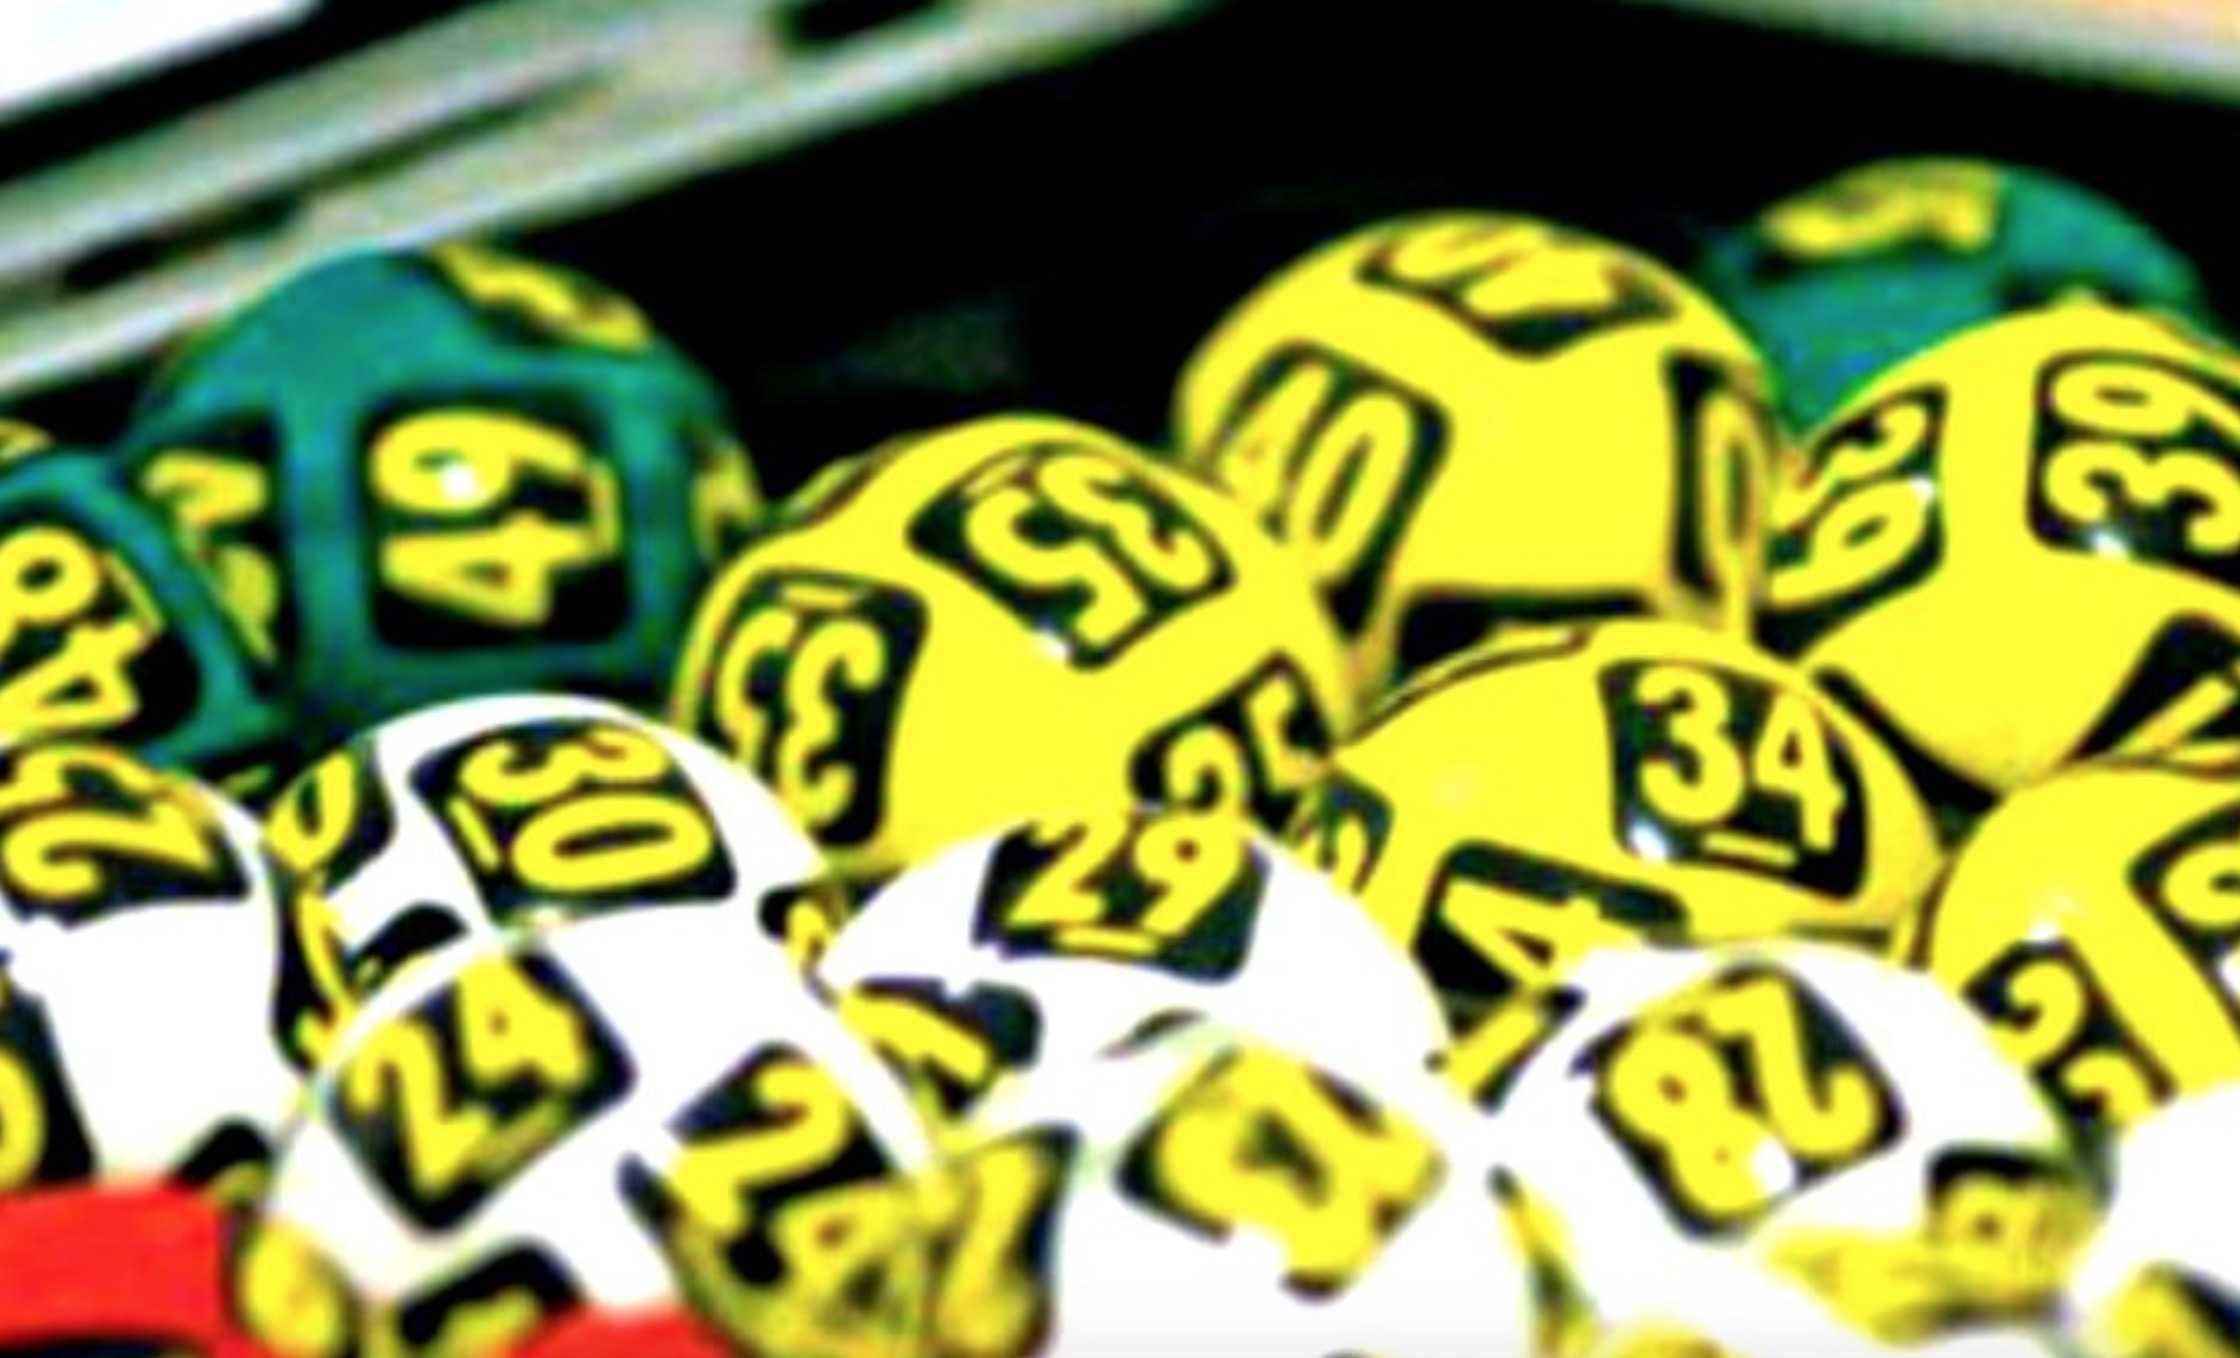 Rumensk lottolotteri 6/49 (6 av 49)